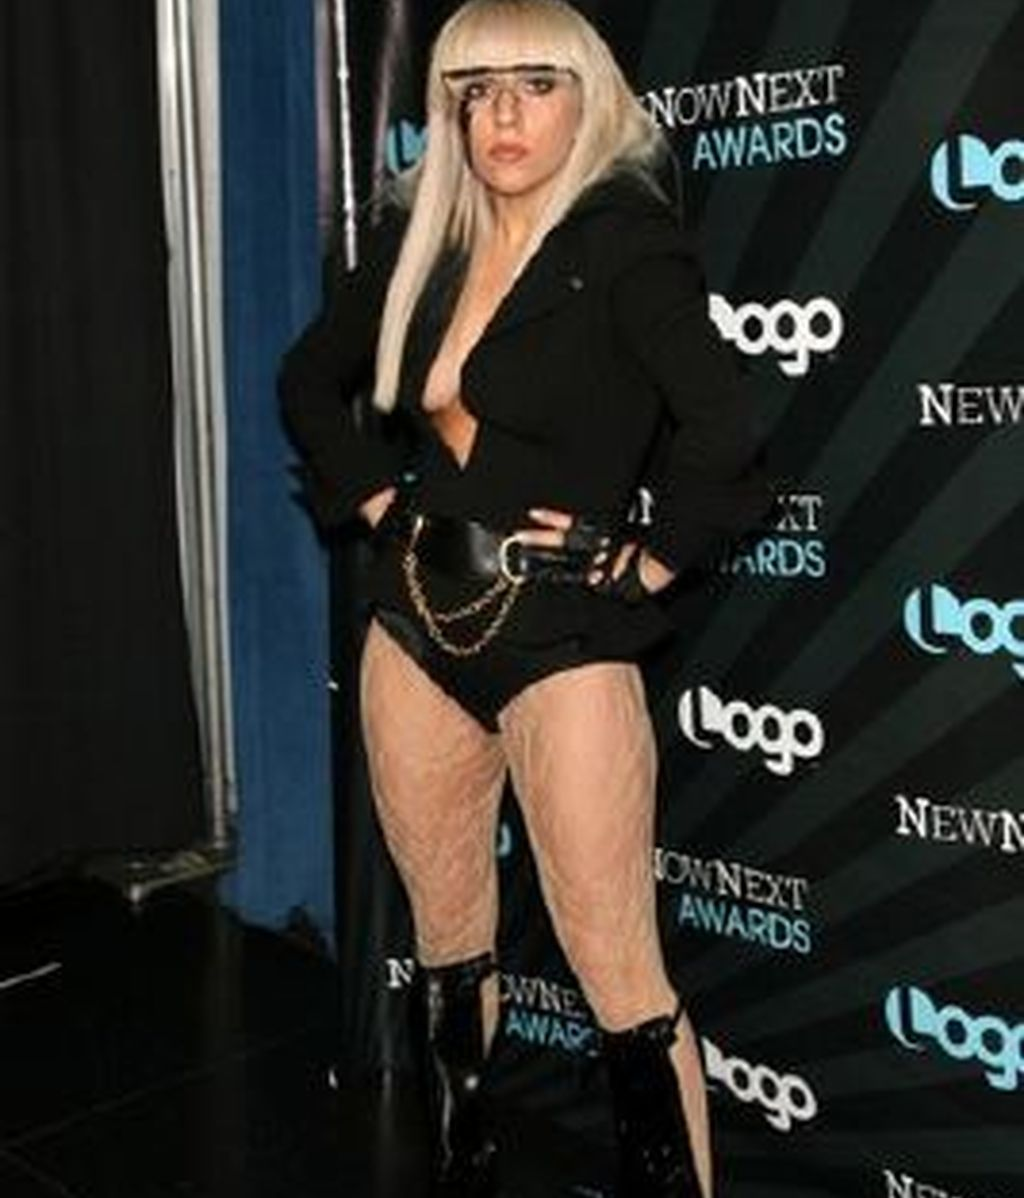 Lady GaGa ha lanzado su álbum 'The Fame monster' con una buena acogida de público y de crítica. Foto archivo